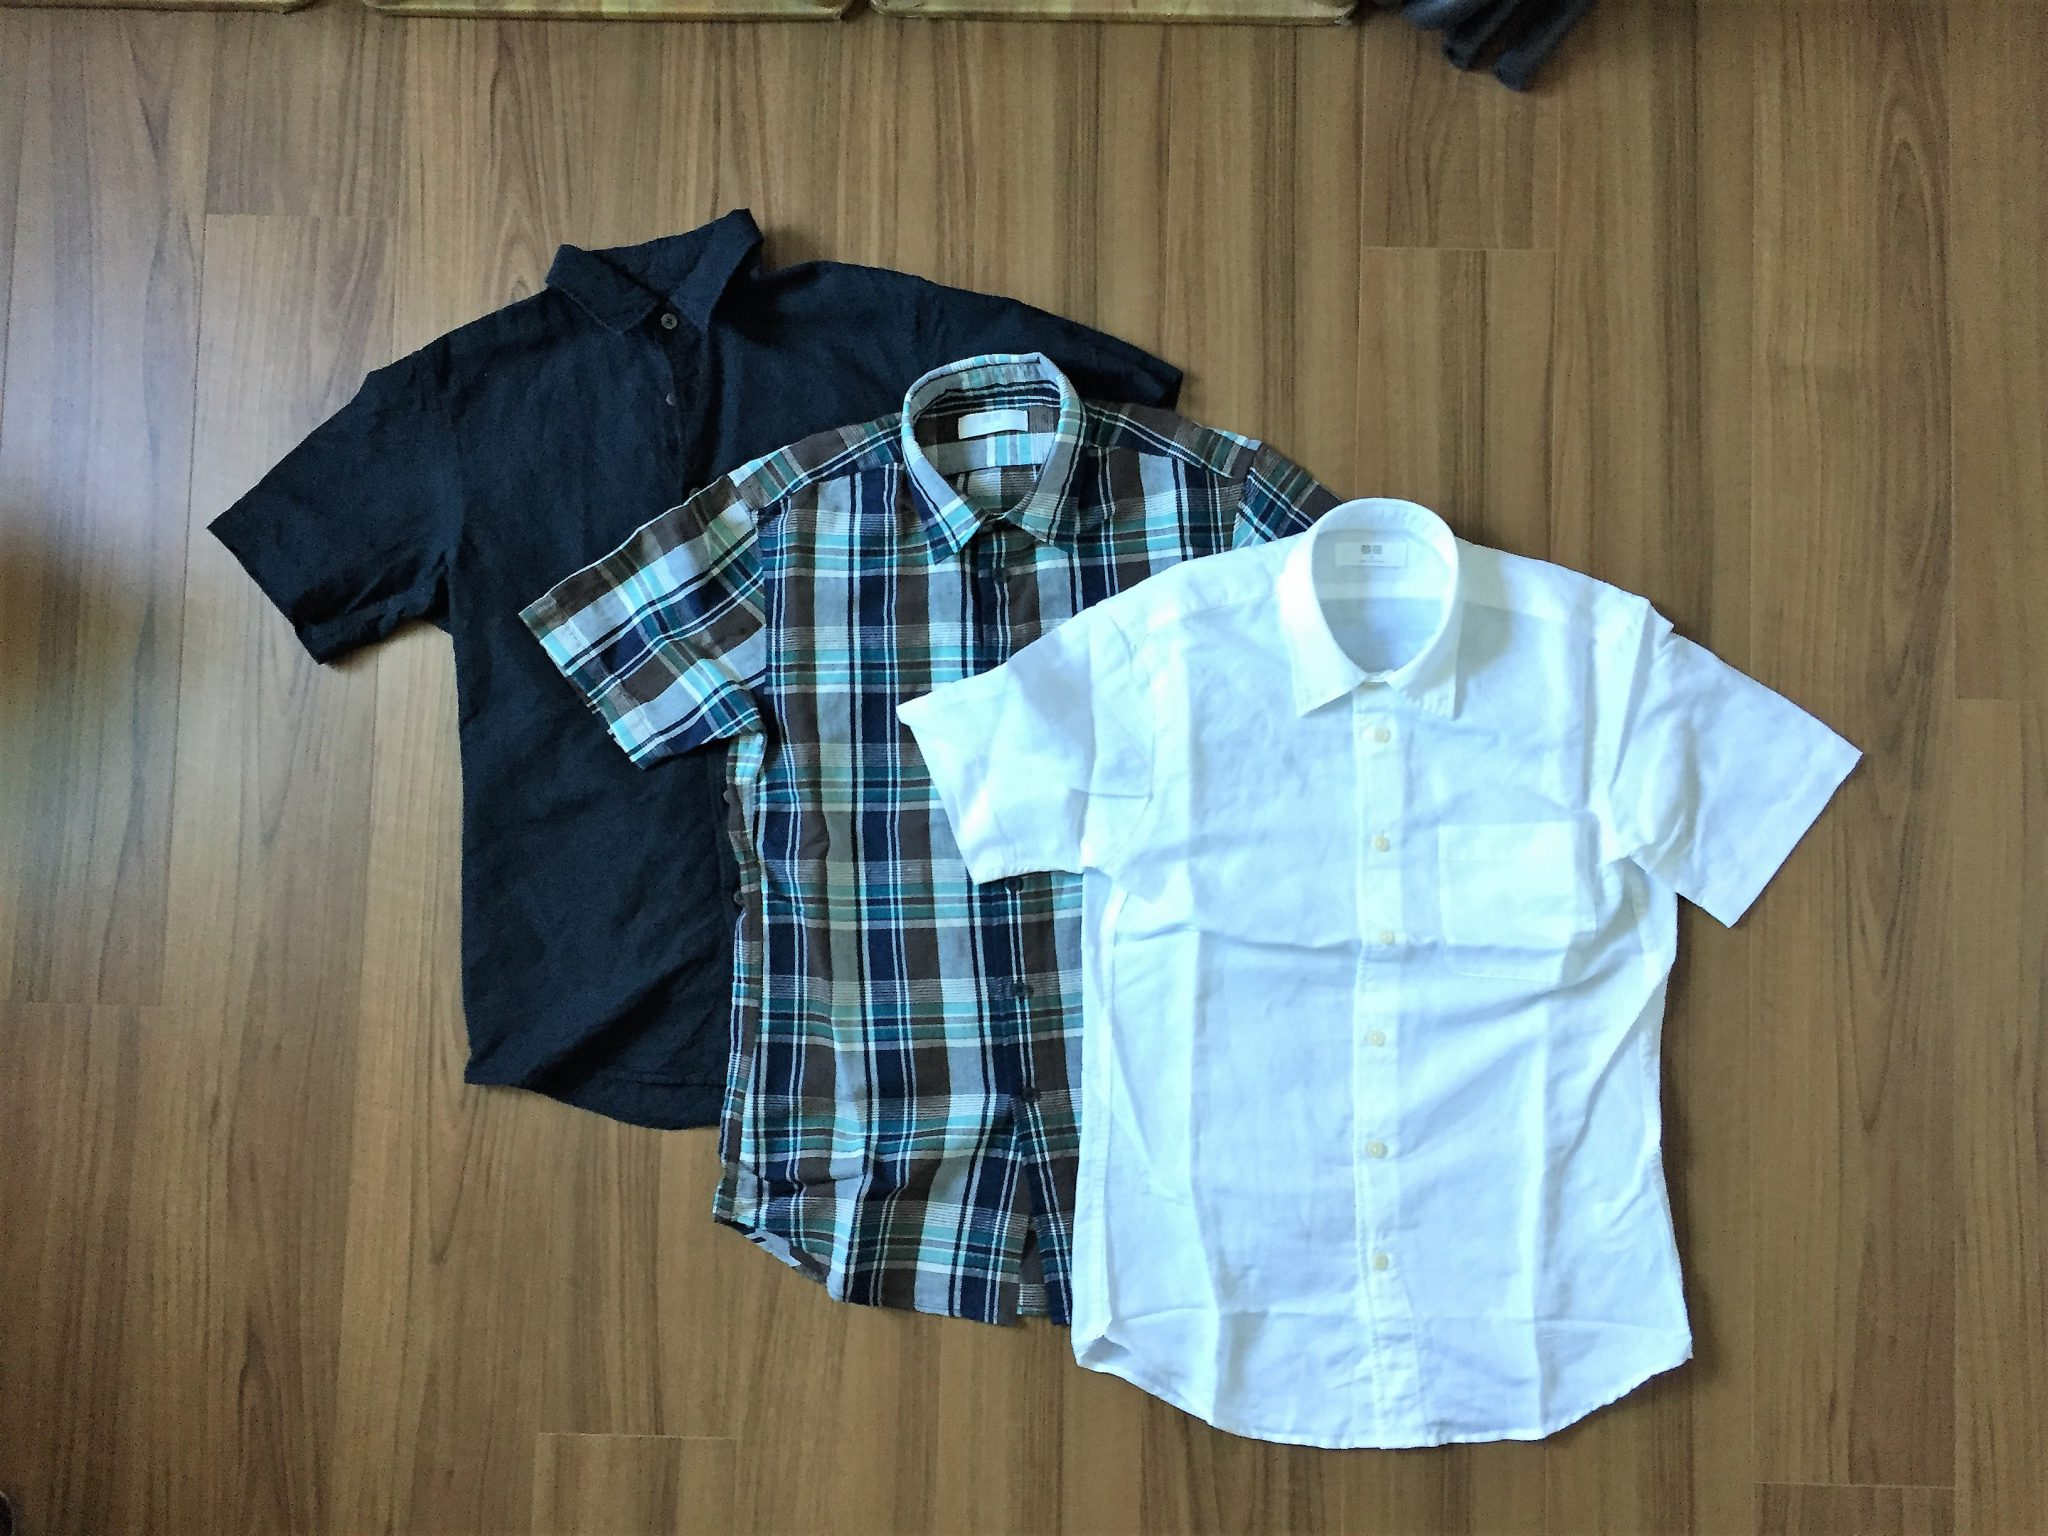 UNIQLO リネンコットン半袖シャツ|着心地とサイズ感が今の気分にとてもジャストで買い足ししました